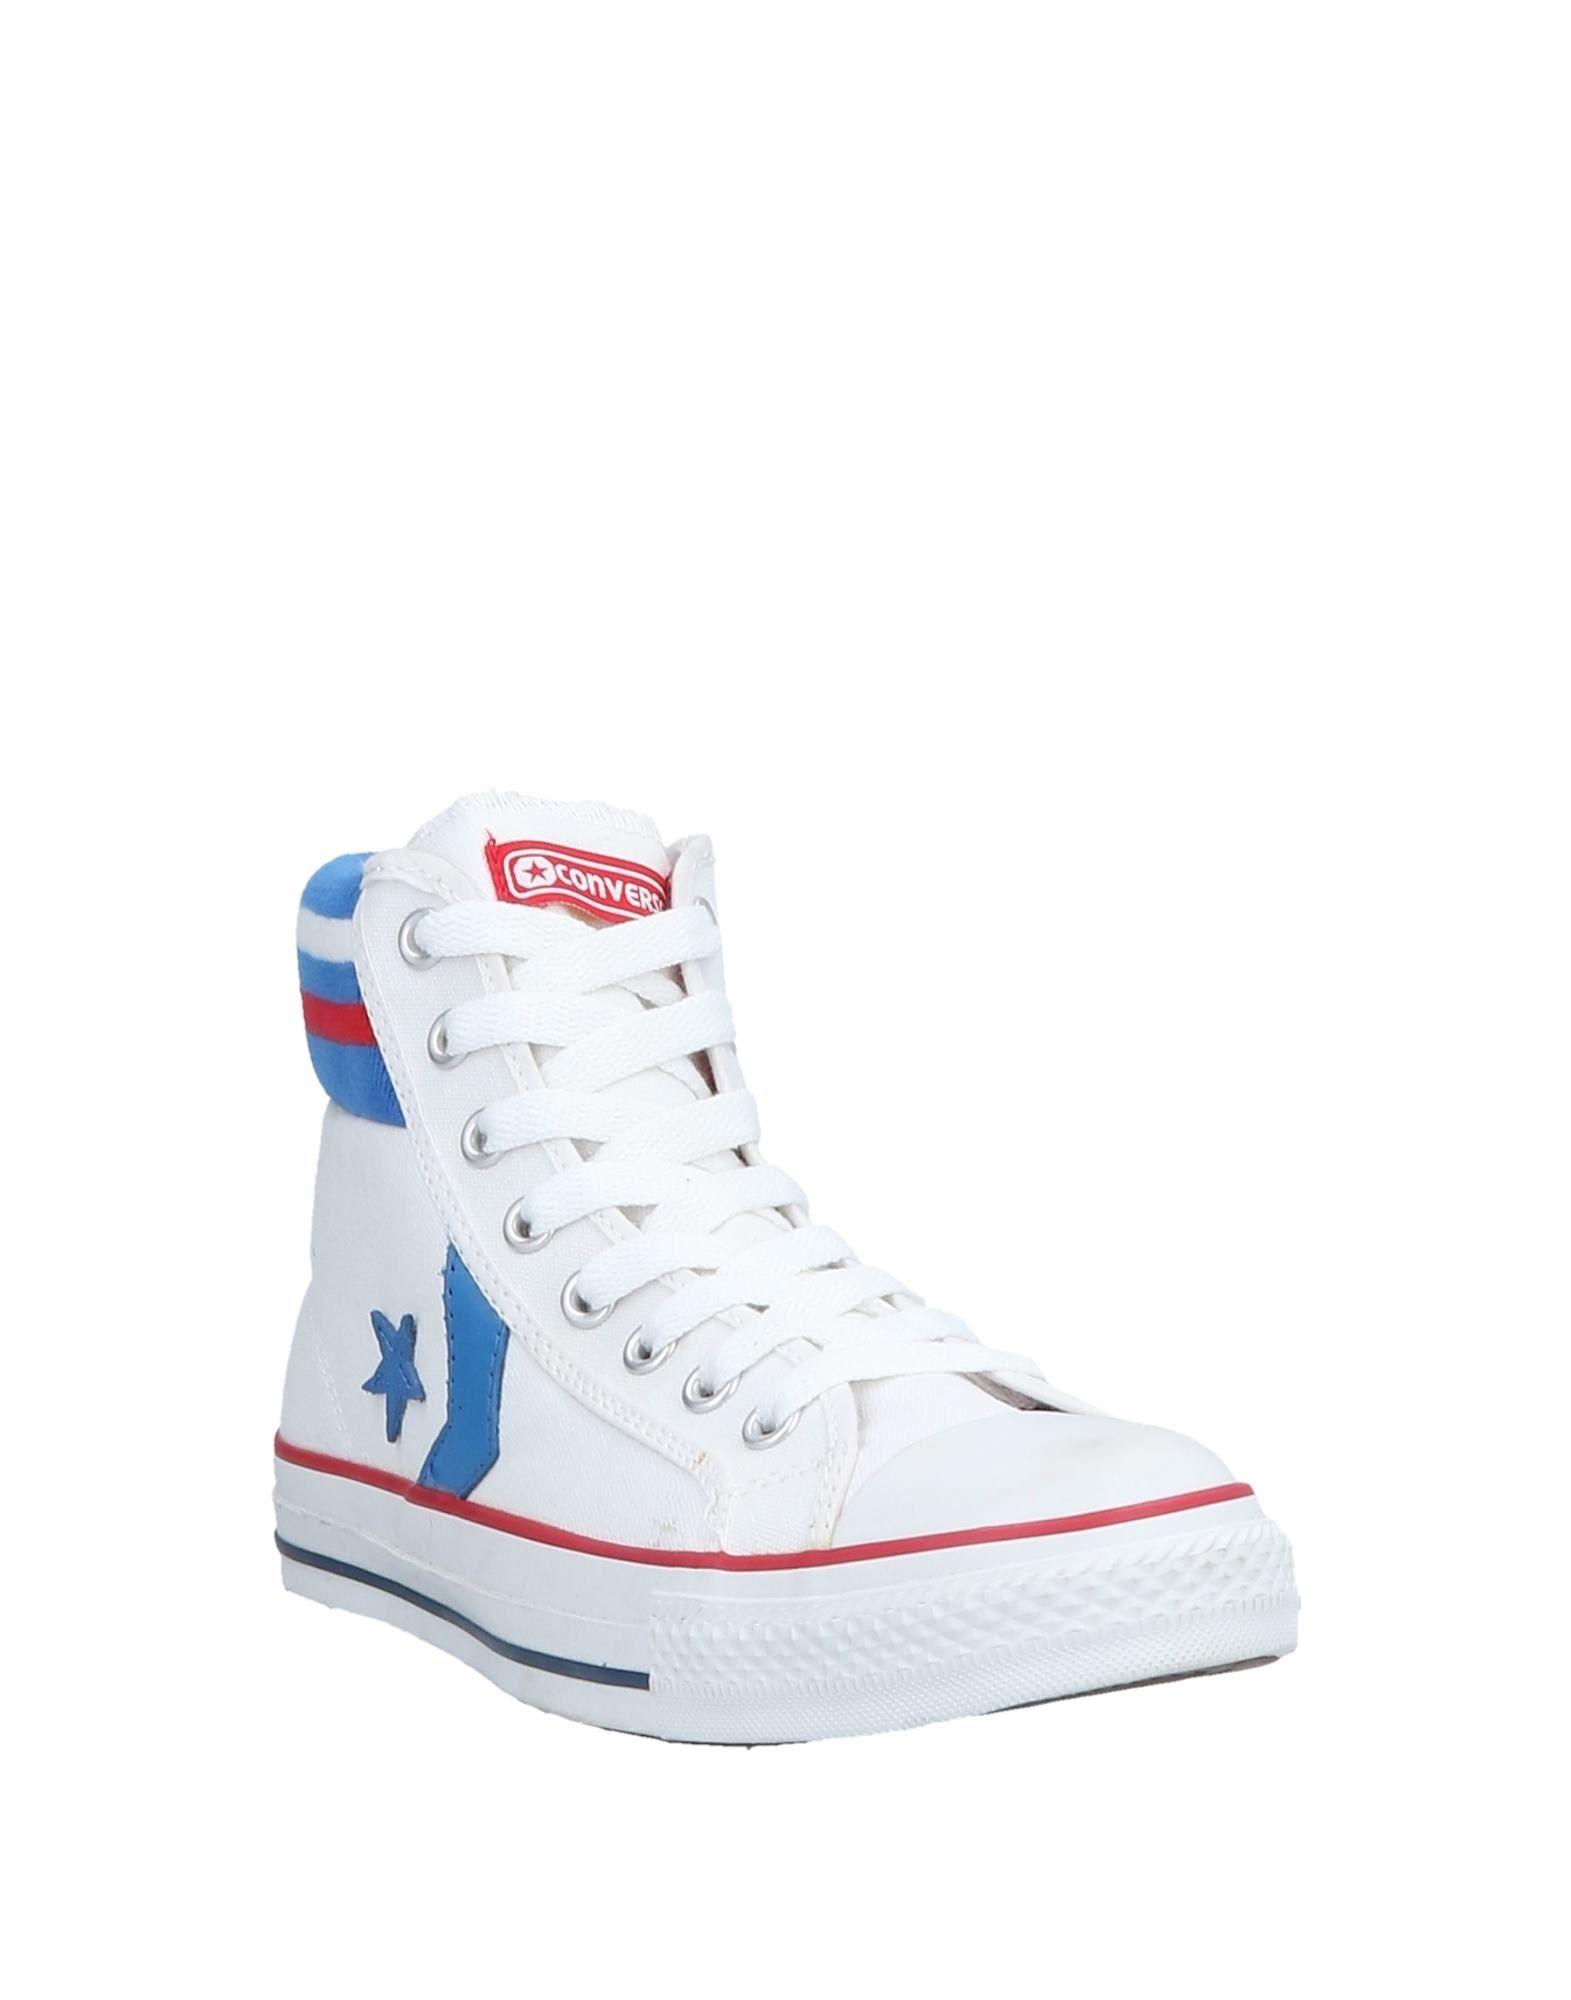 Converse Sneakers Sneakers Converse Herren Gutes Preis-Leistungs-Verhältnis, es lohnt sich 66567d